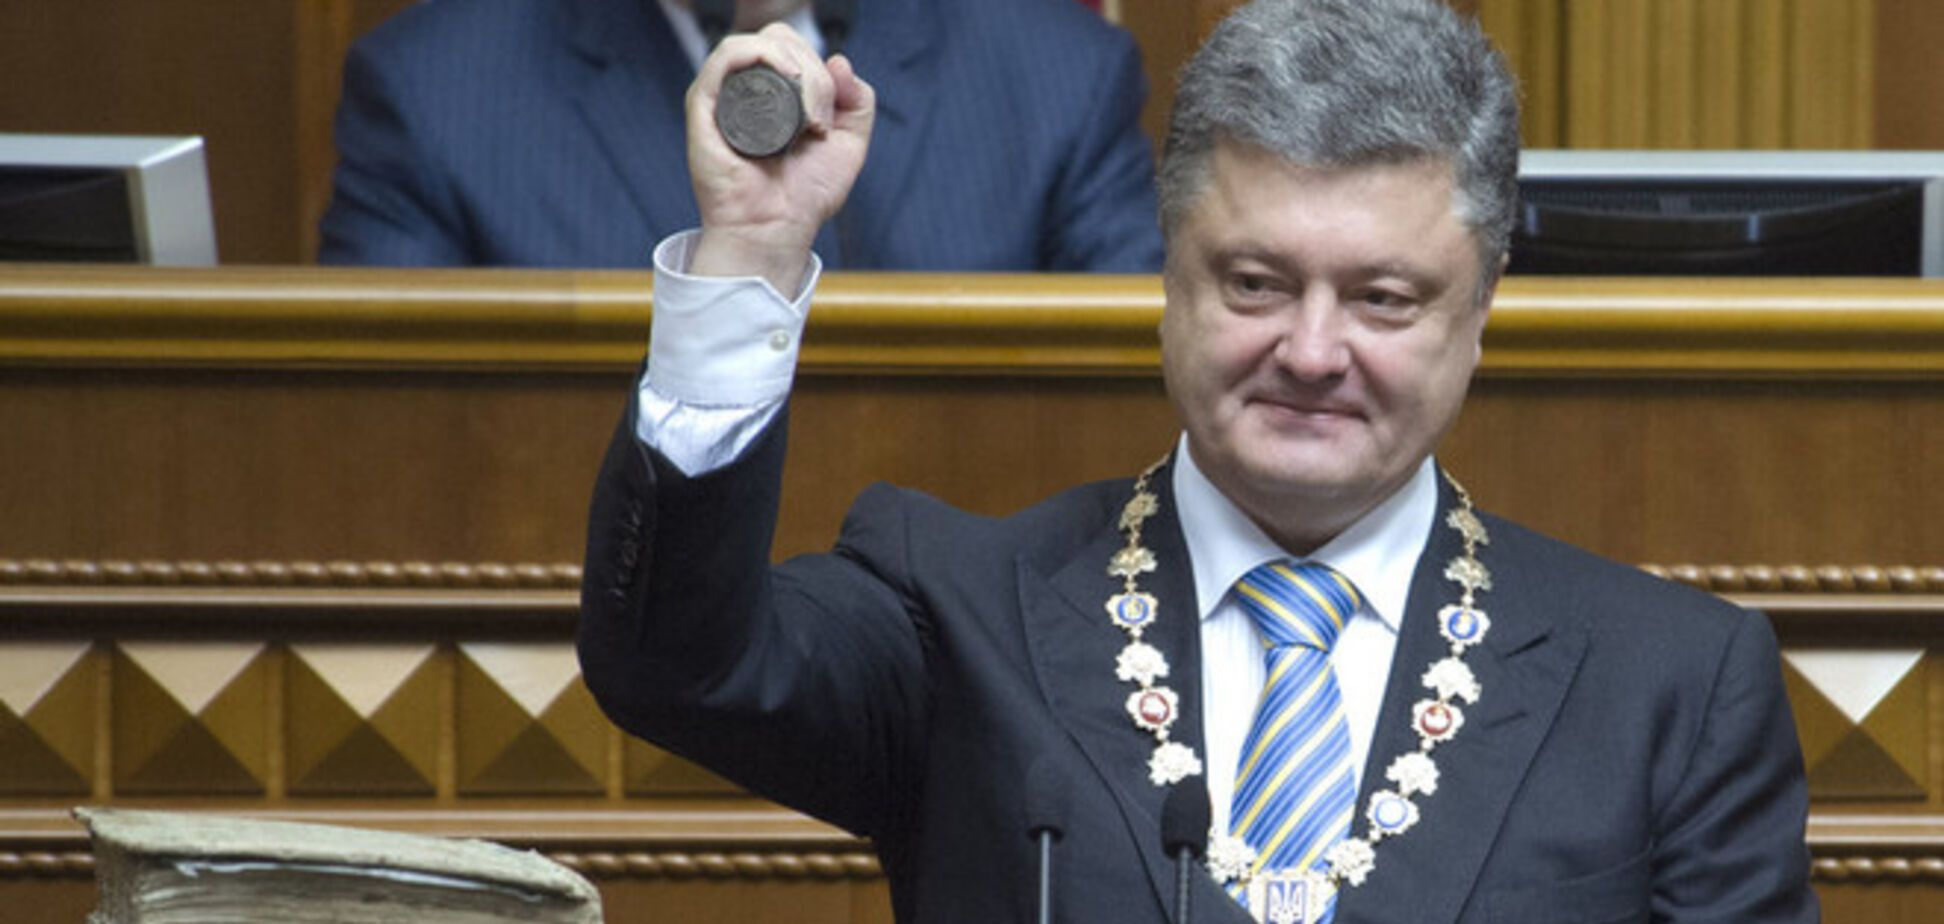 Порошенко очікує звільнення всіх заручників, утримуваних терористами, і визнання Росією виборів